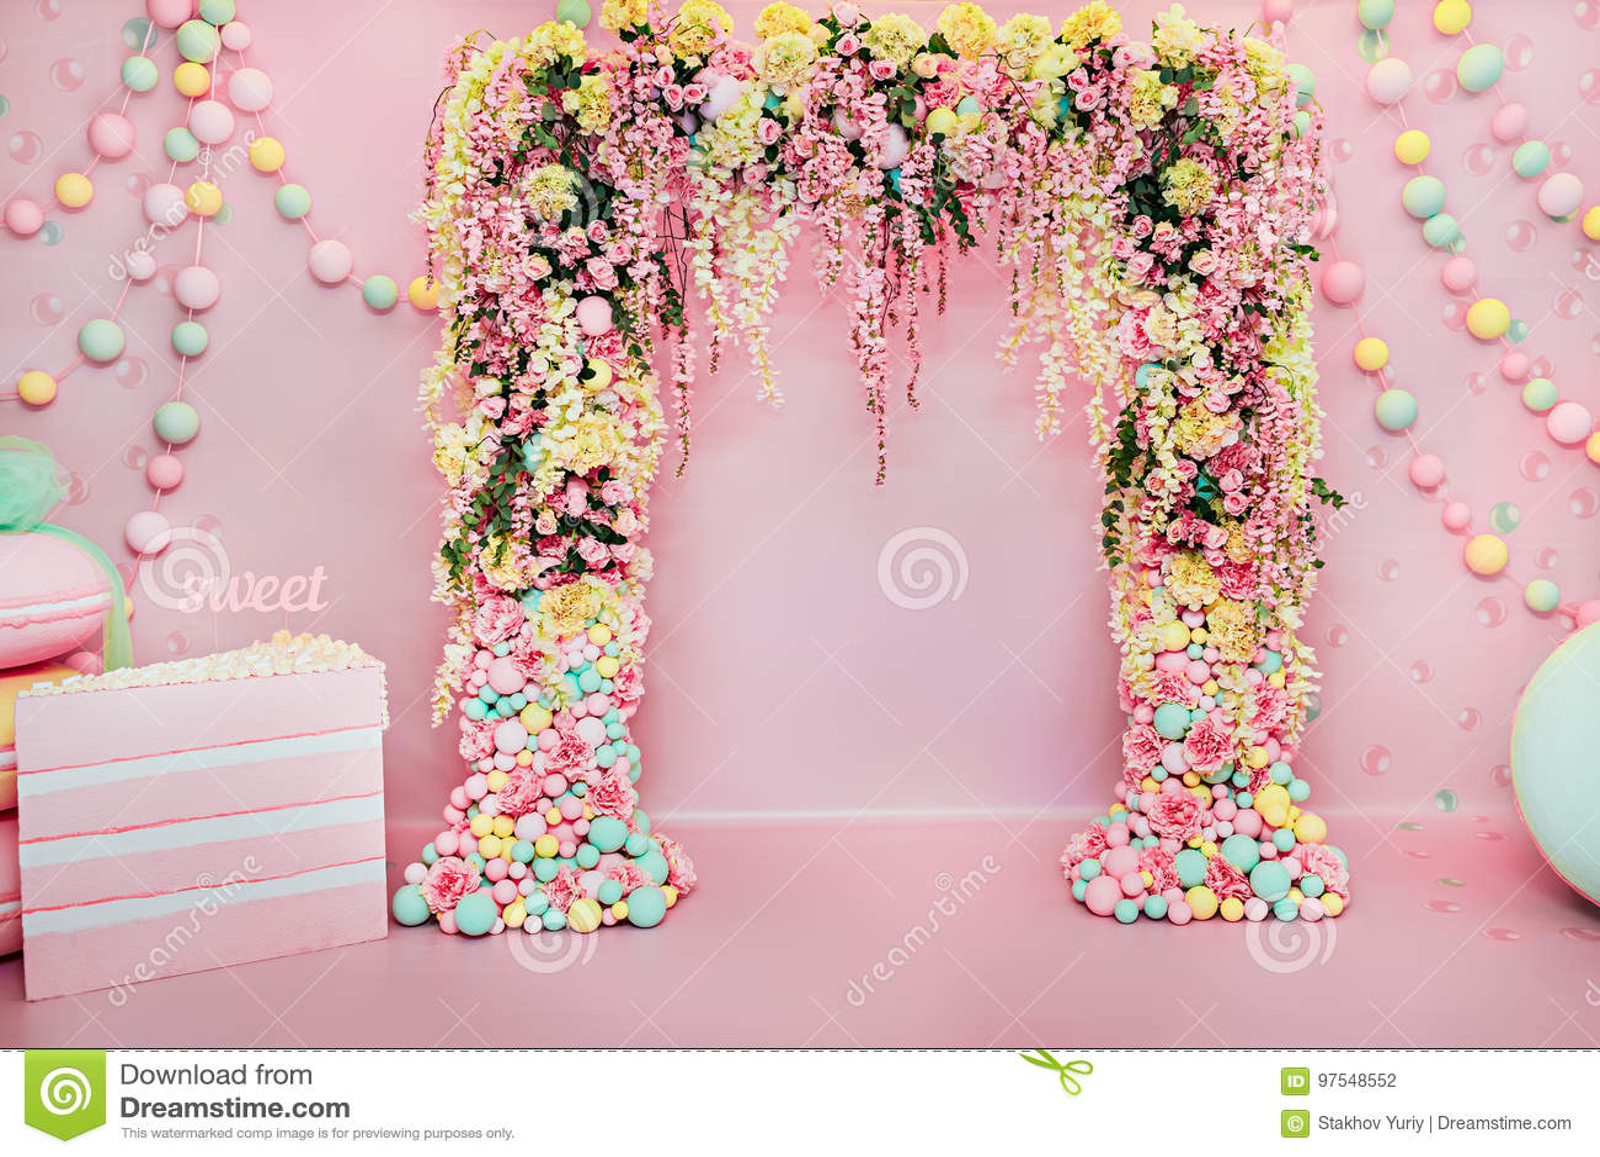 Hochzeitsbogen zuhause Festliche Dekorationen mit Blumen und bunten Ballonen auf rosa Hintergrund